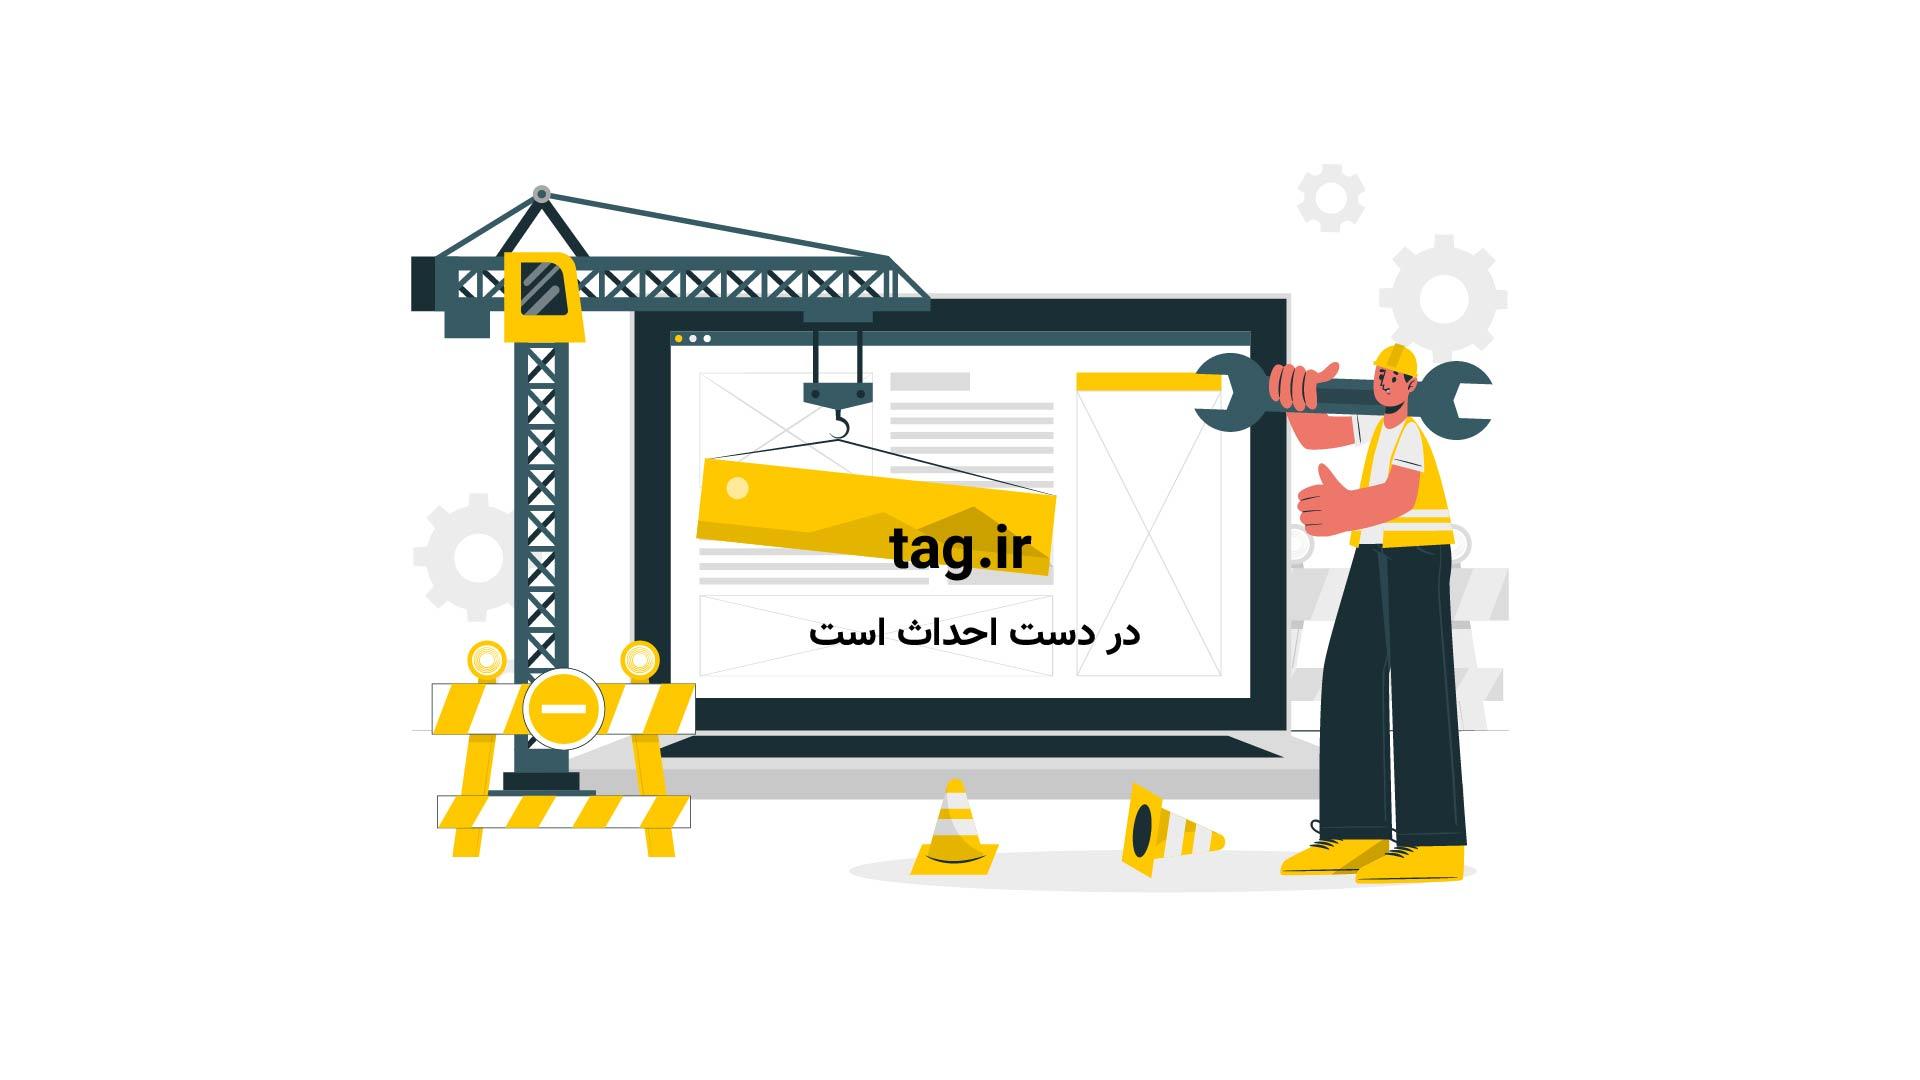 دو کشته و ۲۴ زخمی در تیراندازی فستیوال موسیقی لاس وگاس در آمریکا | فیلم